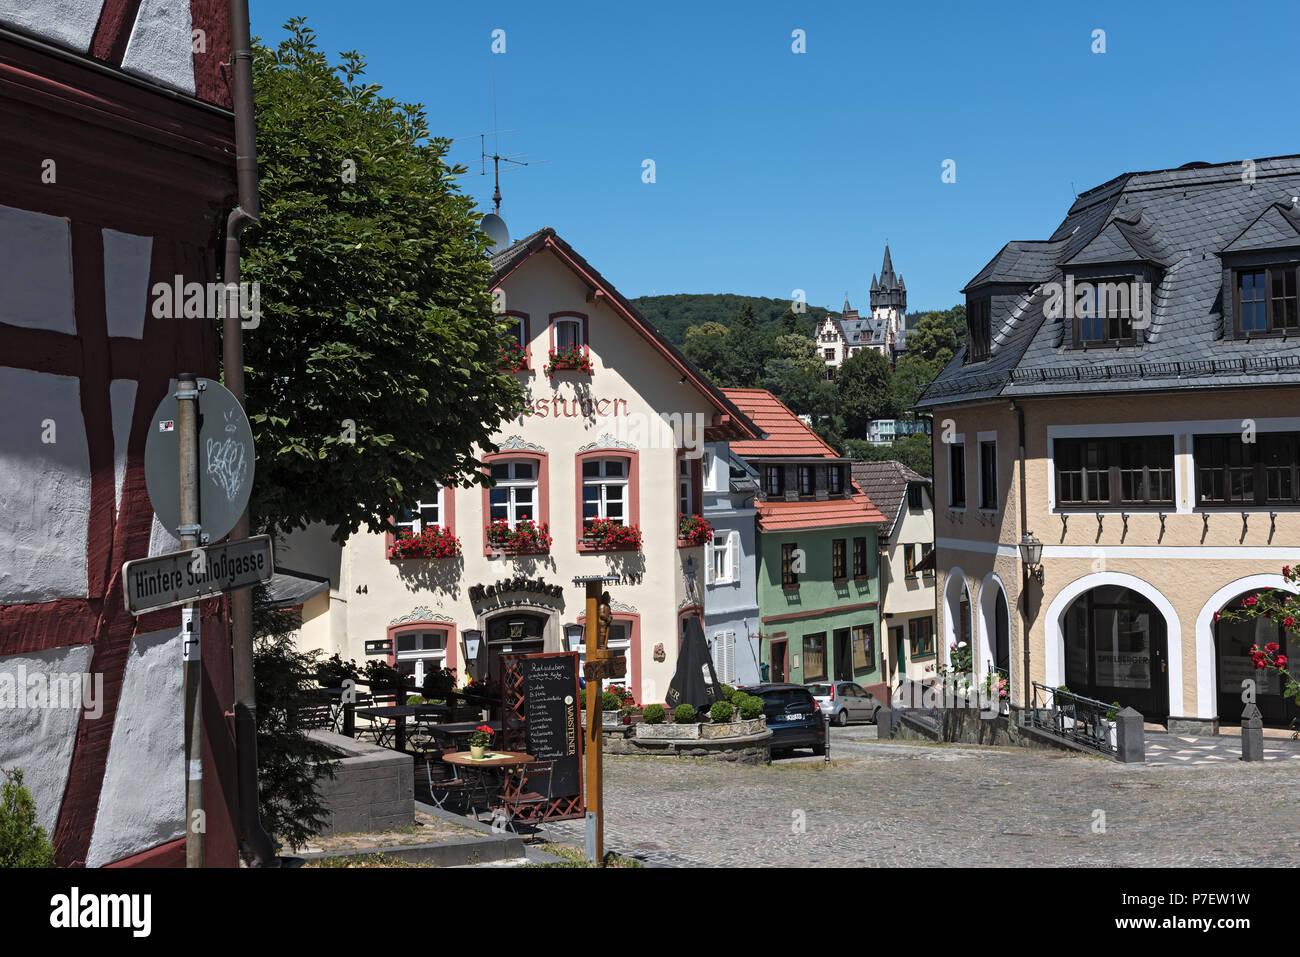 Petite place avec maisons anciennes à Konigstein vieille ville, Hesse, Allemagne Photo Stock